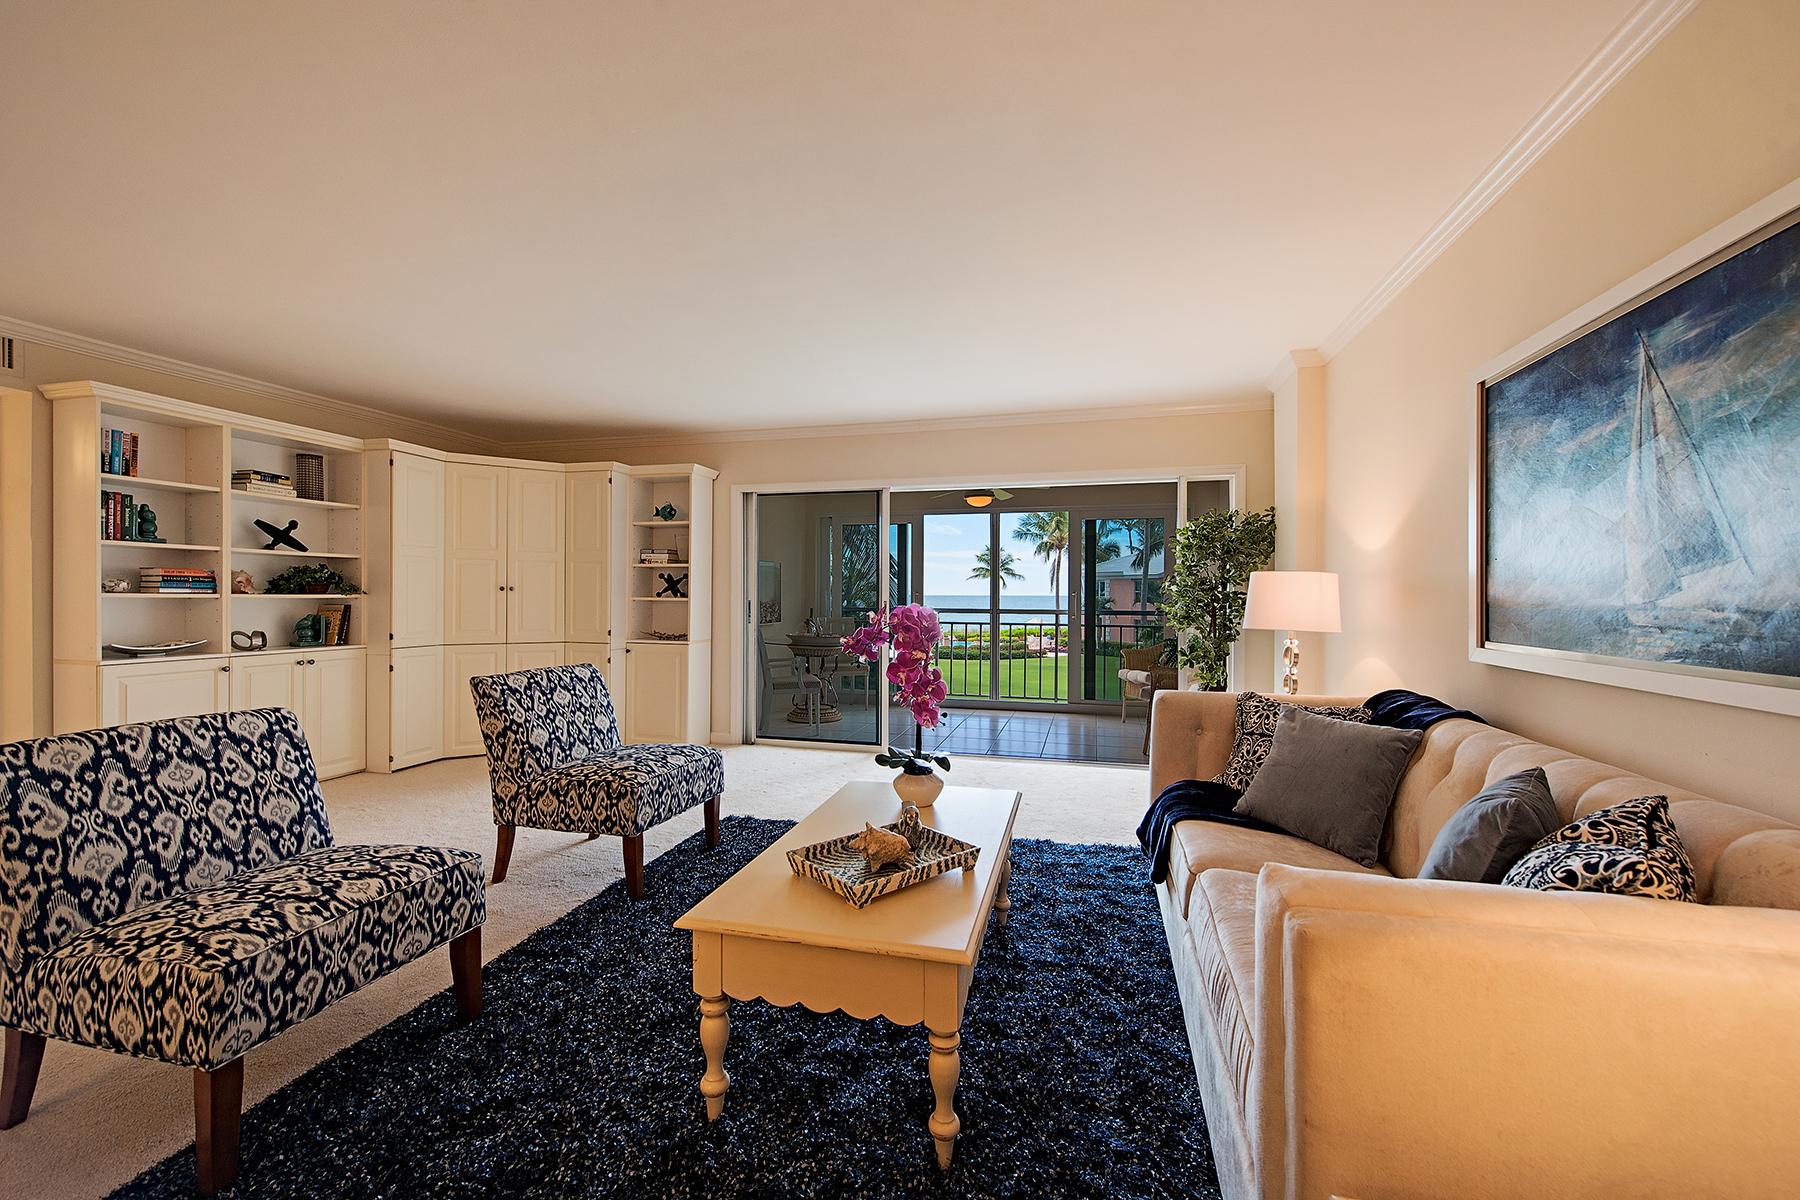 Condomínio para Venda às MOORINGS - SHORES OF NAPLES 2401 Gulf Shore Blvd N 21 Naples, Florida, 34103 Estados Unidos